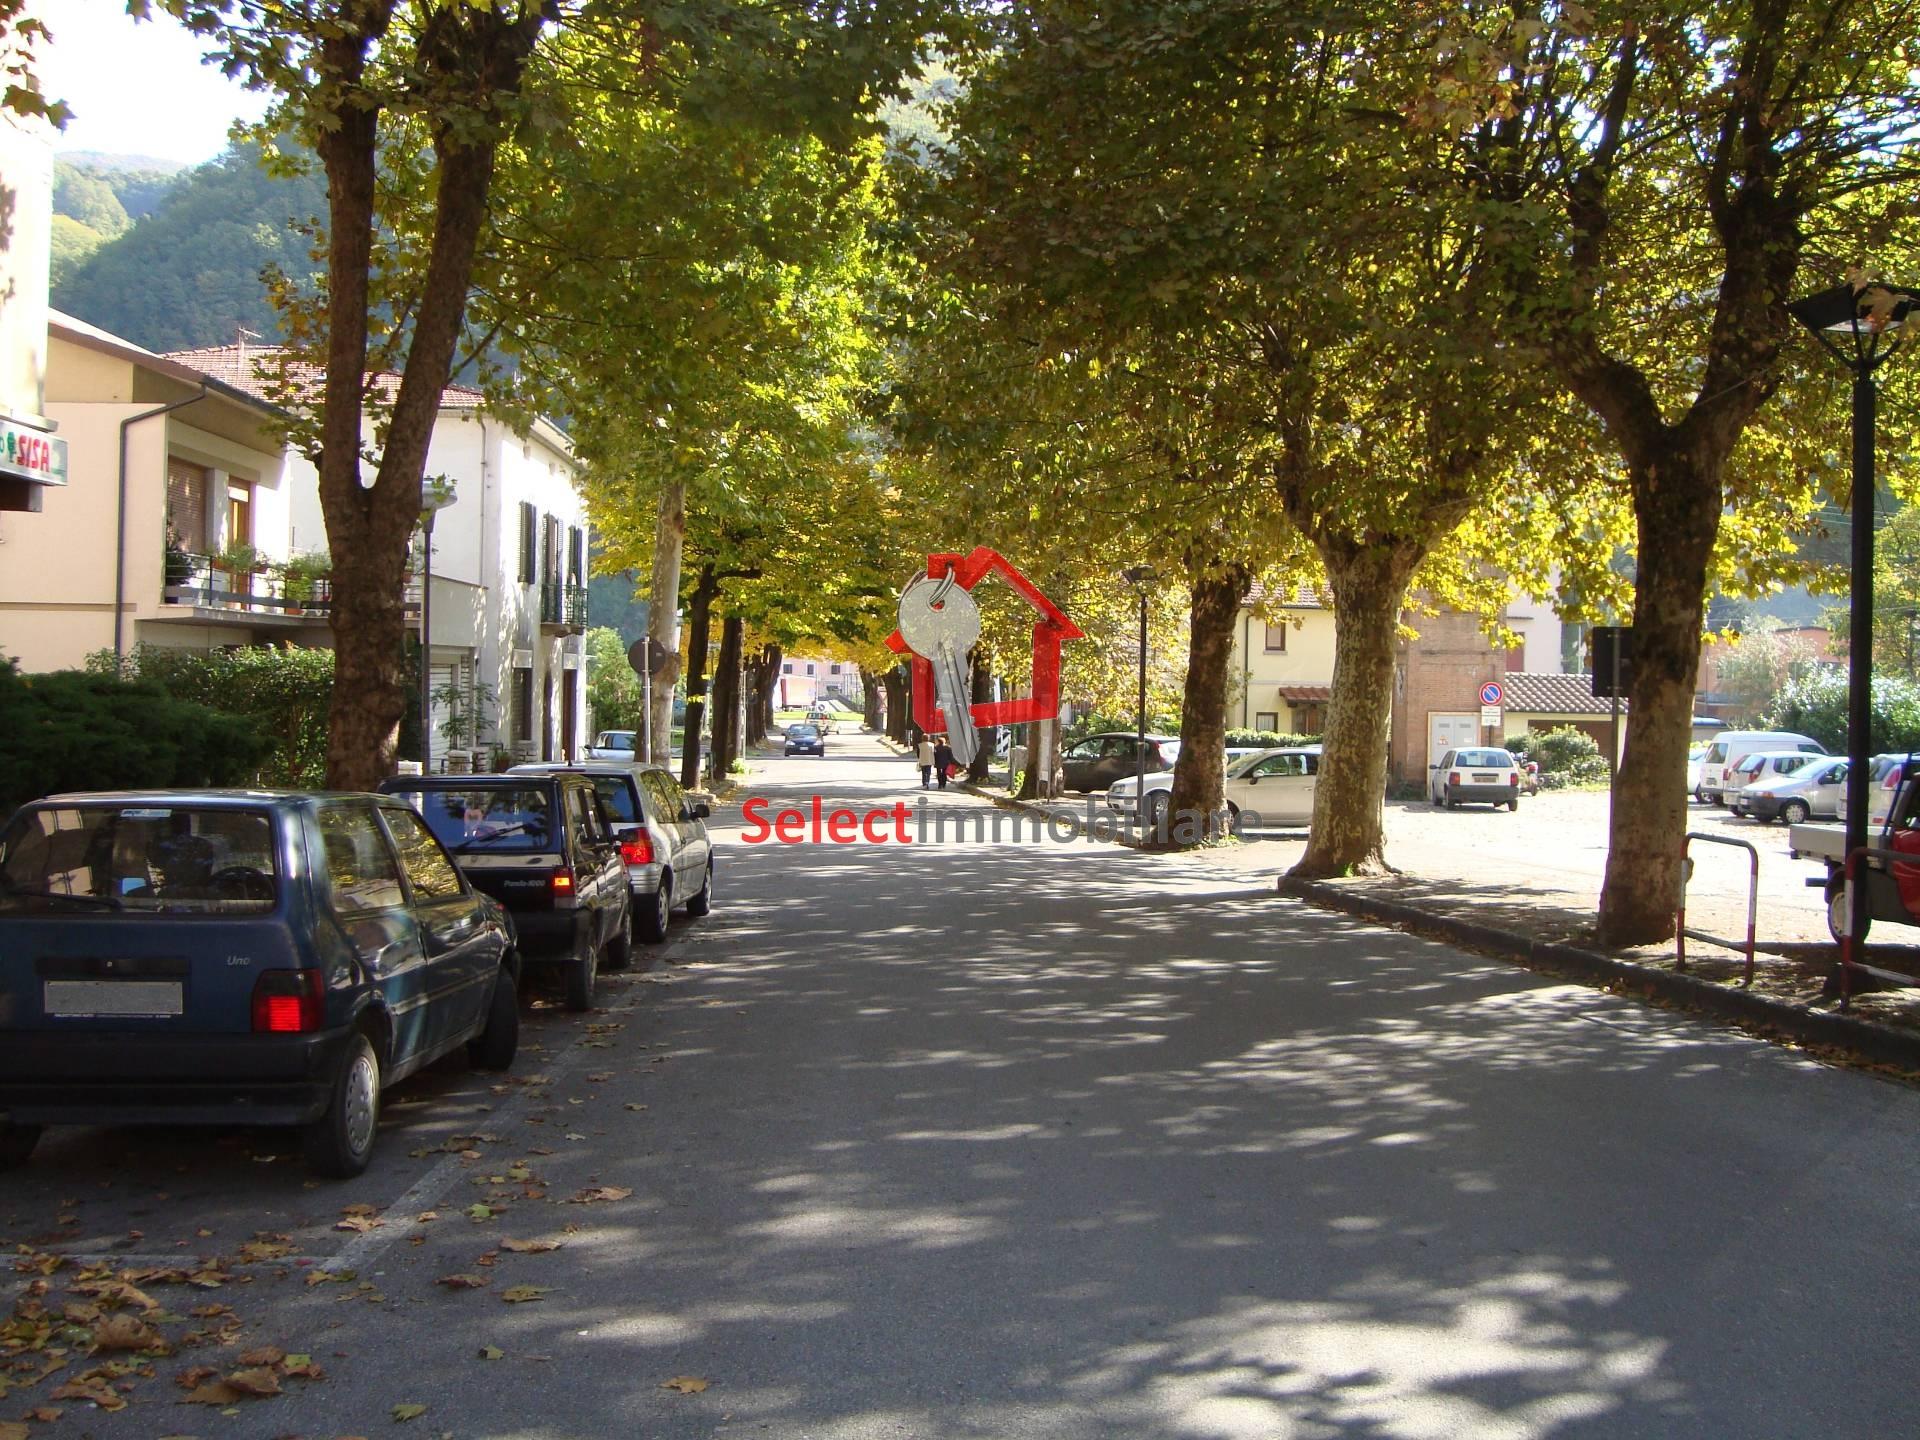 Negozio / Locale in affitto a Borgo a Mozzano, 9999 locali, zona Località: capoluogo, prezzo € 600 | CambioCasa.it